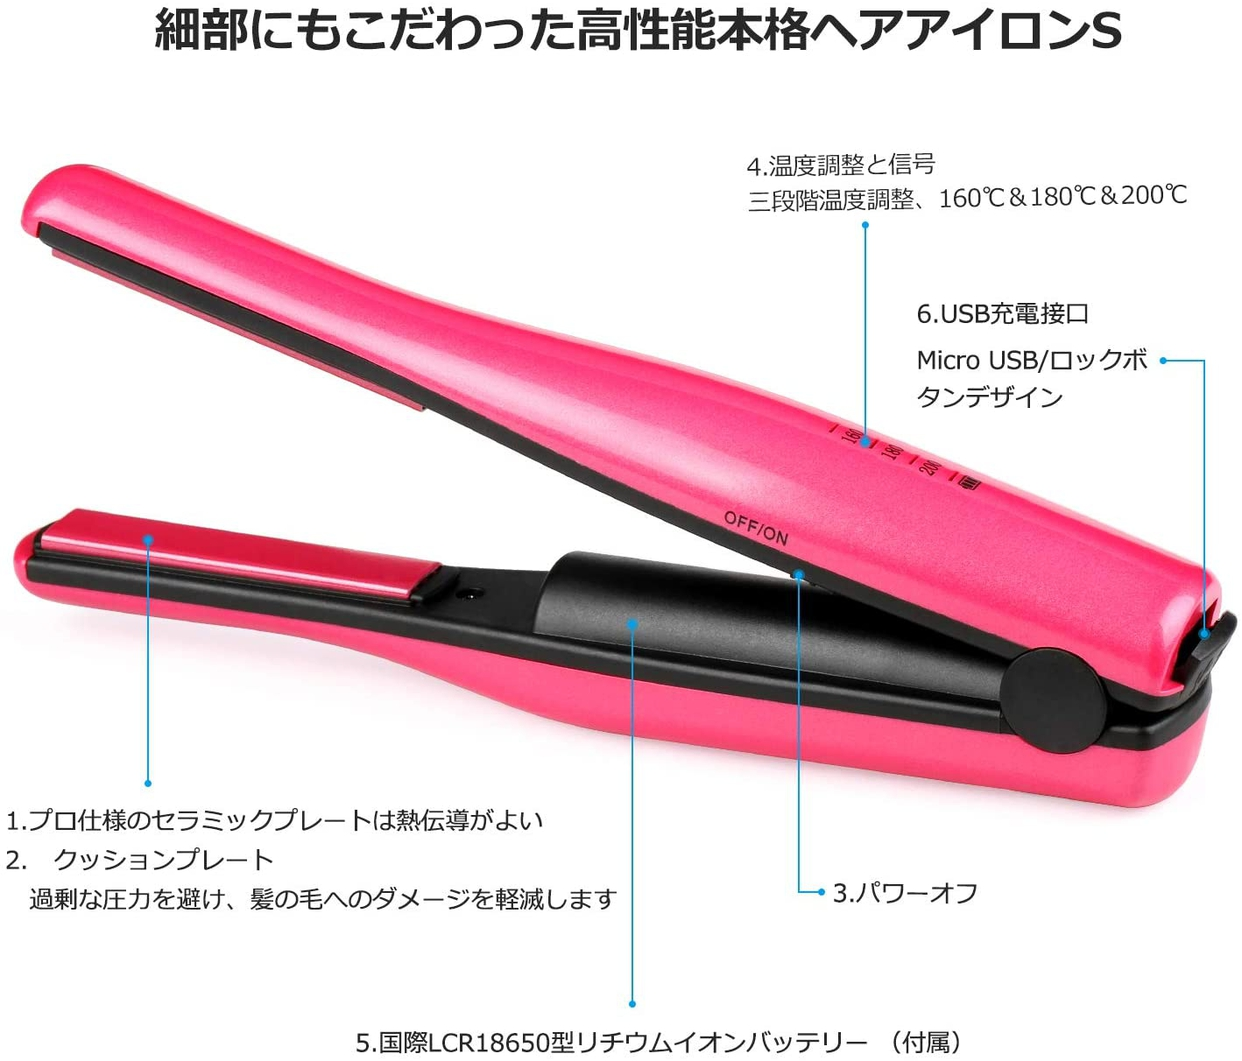 Omasi(オマシ) コードレスヘアアイロンの商品画像5